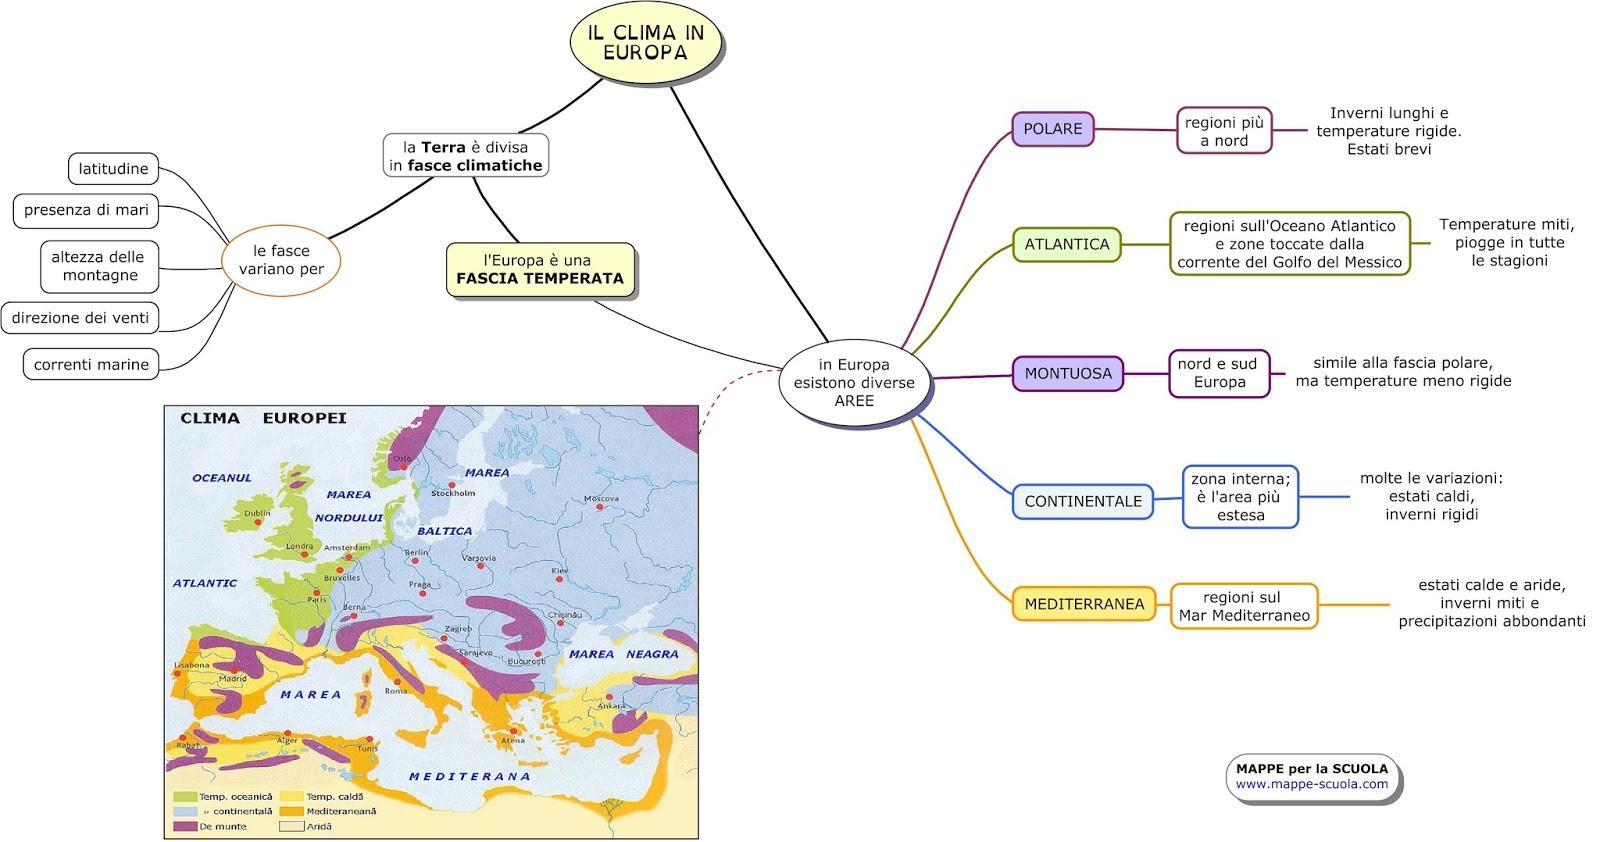 Cartina Muta Italia Per Verifica.Maldestro Veloce Esso Carta Muta D Europa Fasce Climatiche Arrabbiato Combattere India